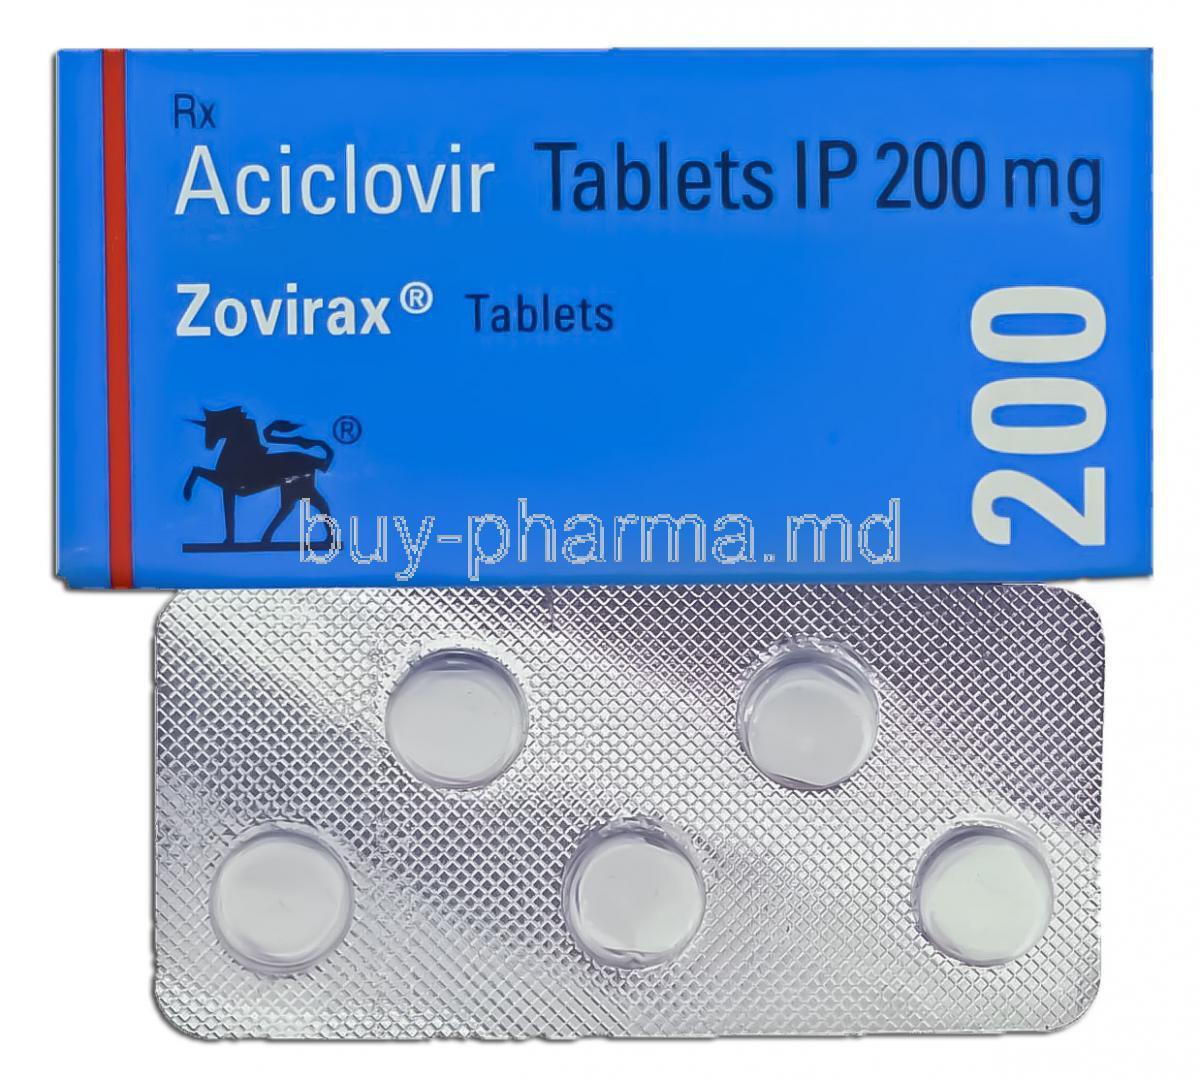 carafate non prescription